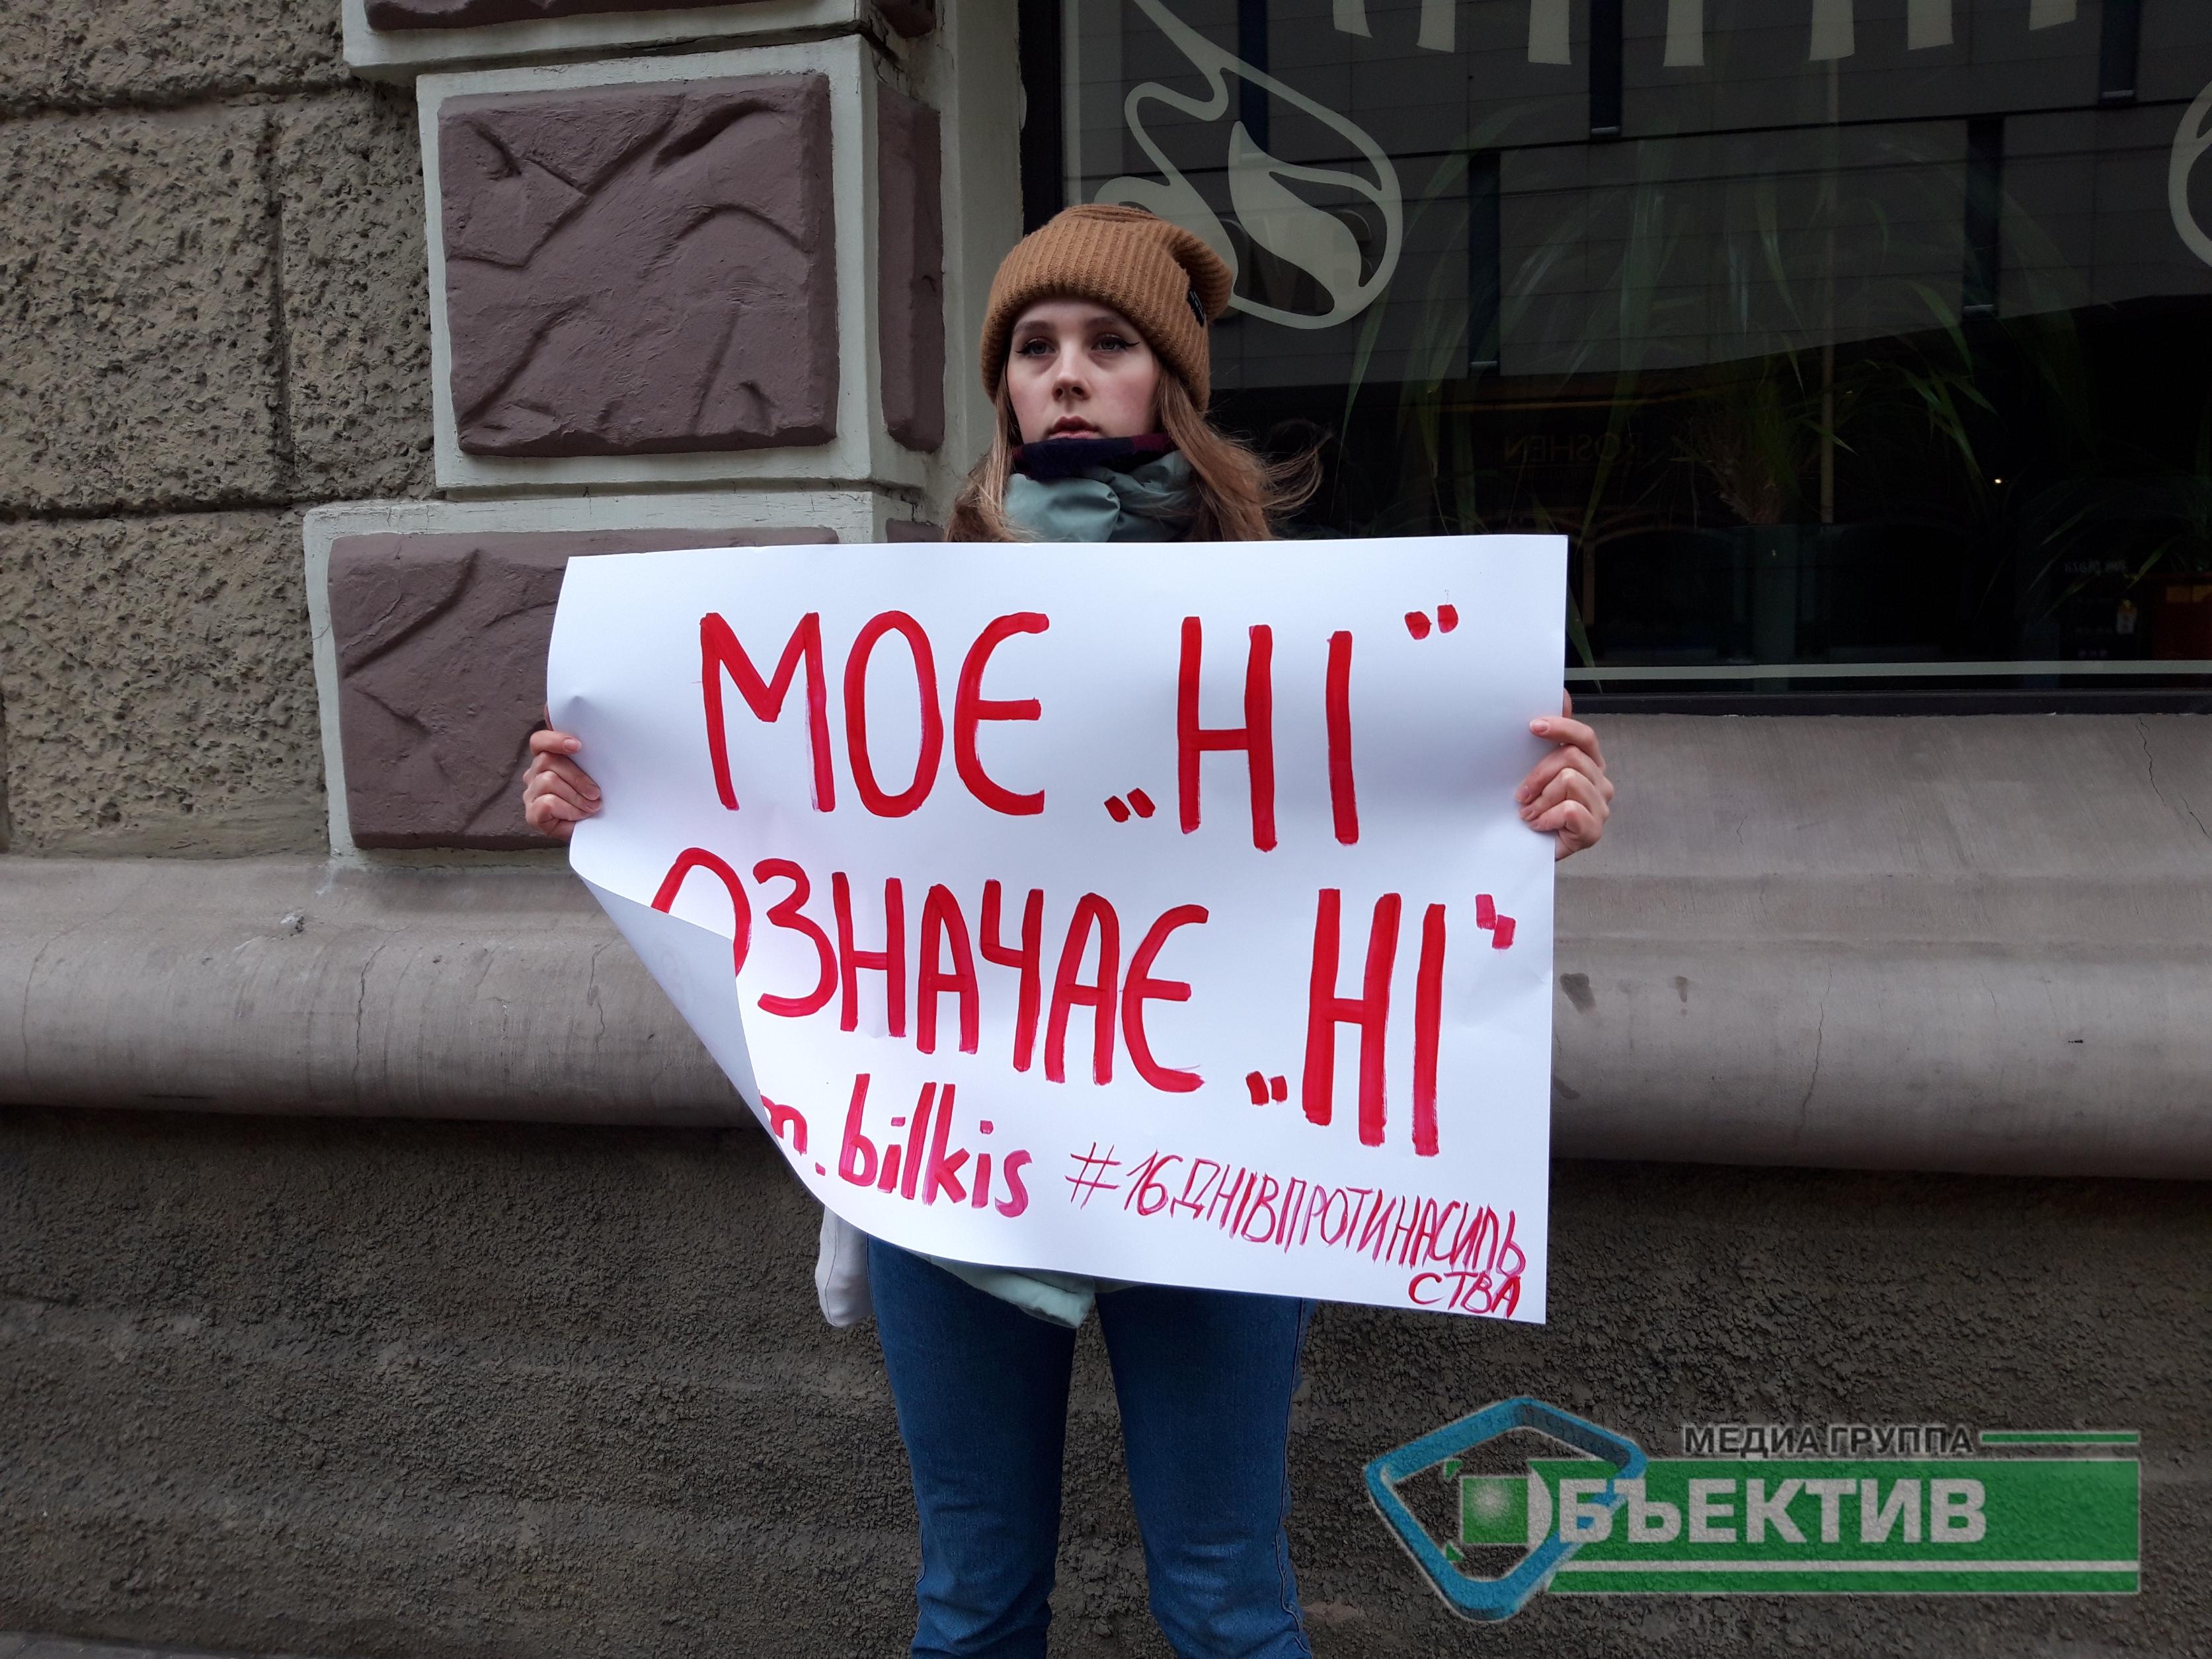 У Харкові відбувся протест проти насильства (фото)